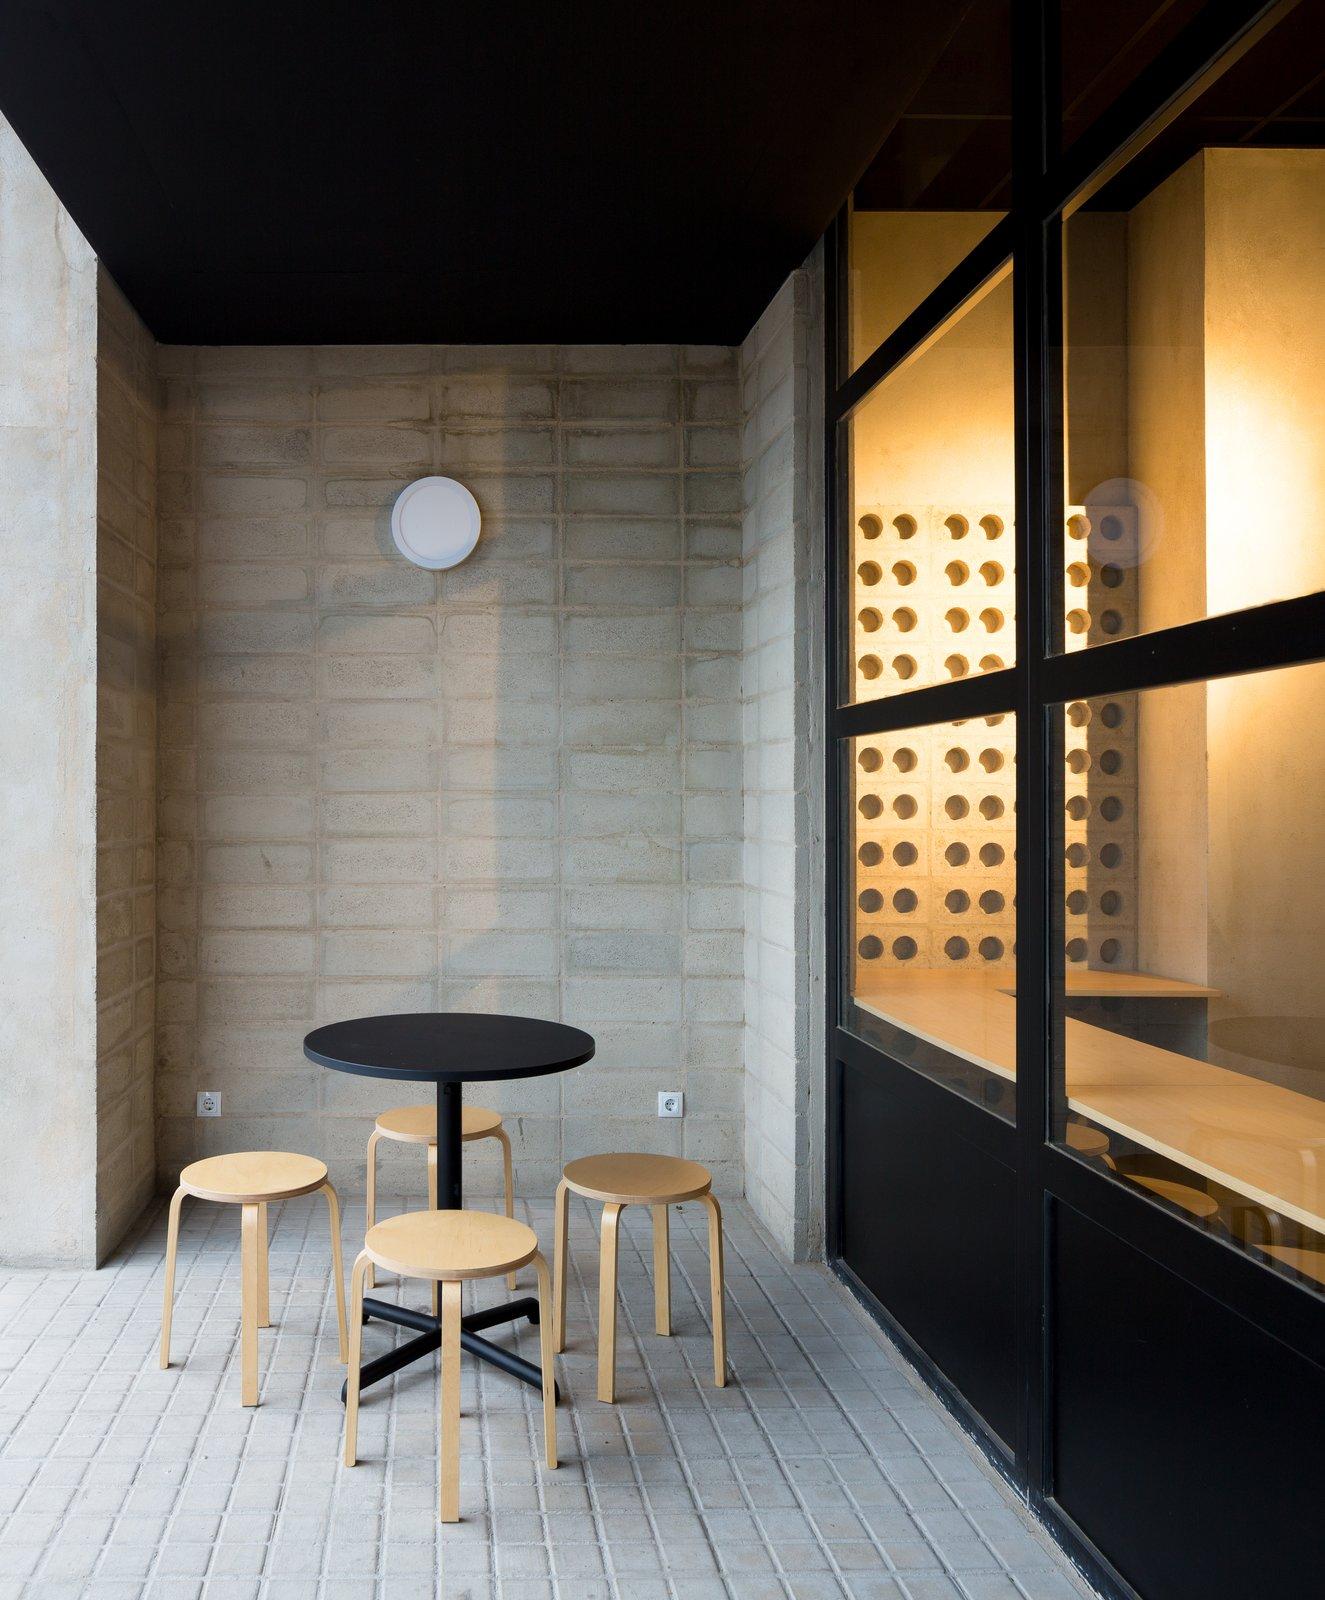 Exterior Intermediate exterior-interior area.  IMOOD Restaurant